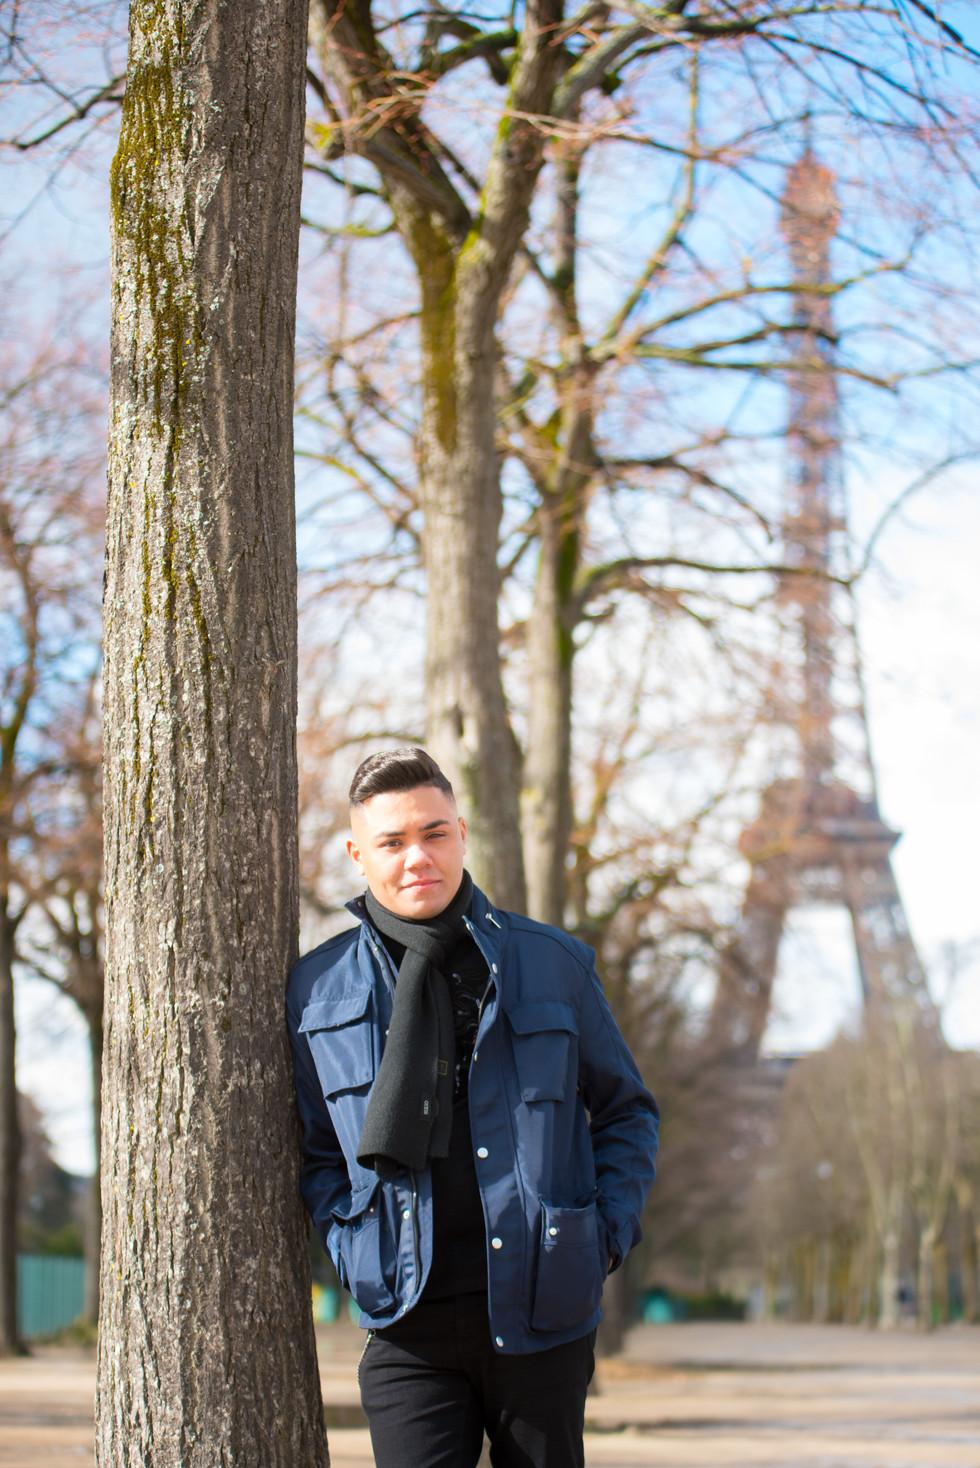 Fotógrafo_Brasileiro_em_Paris-Leandro_Dias_(200_de_381).jpg